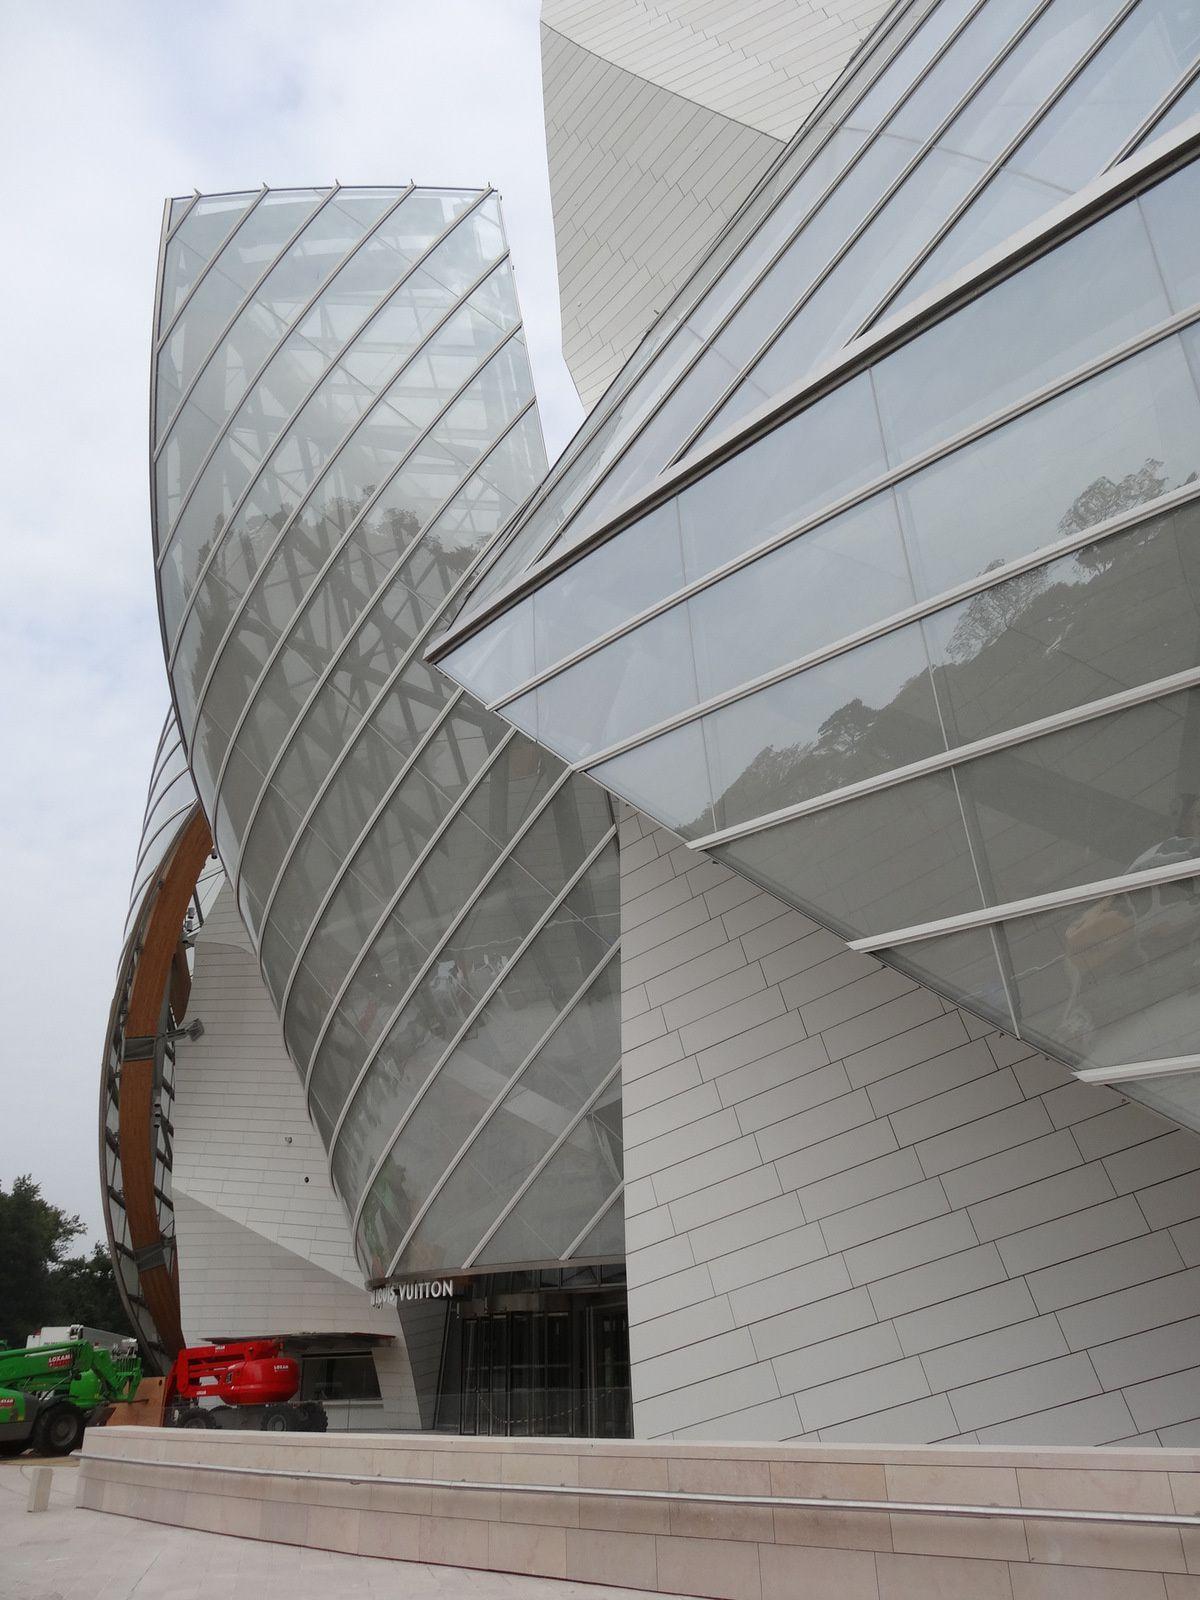 La Fondation Vuitton de Frank Gehry à Paris - sa construction en 9 images